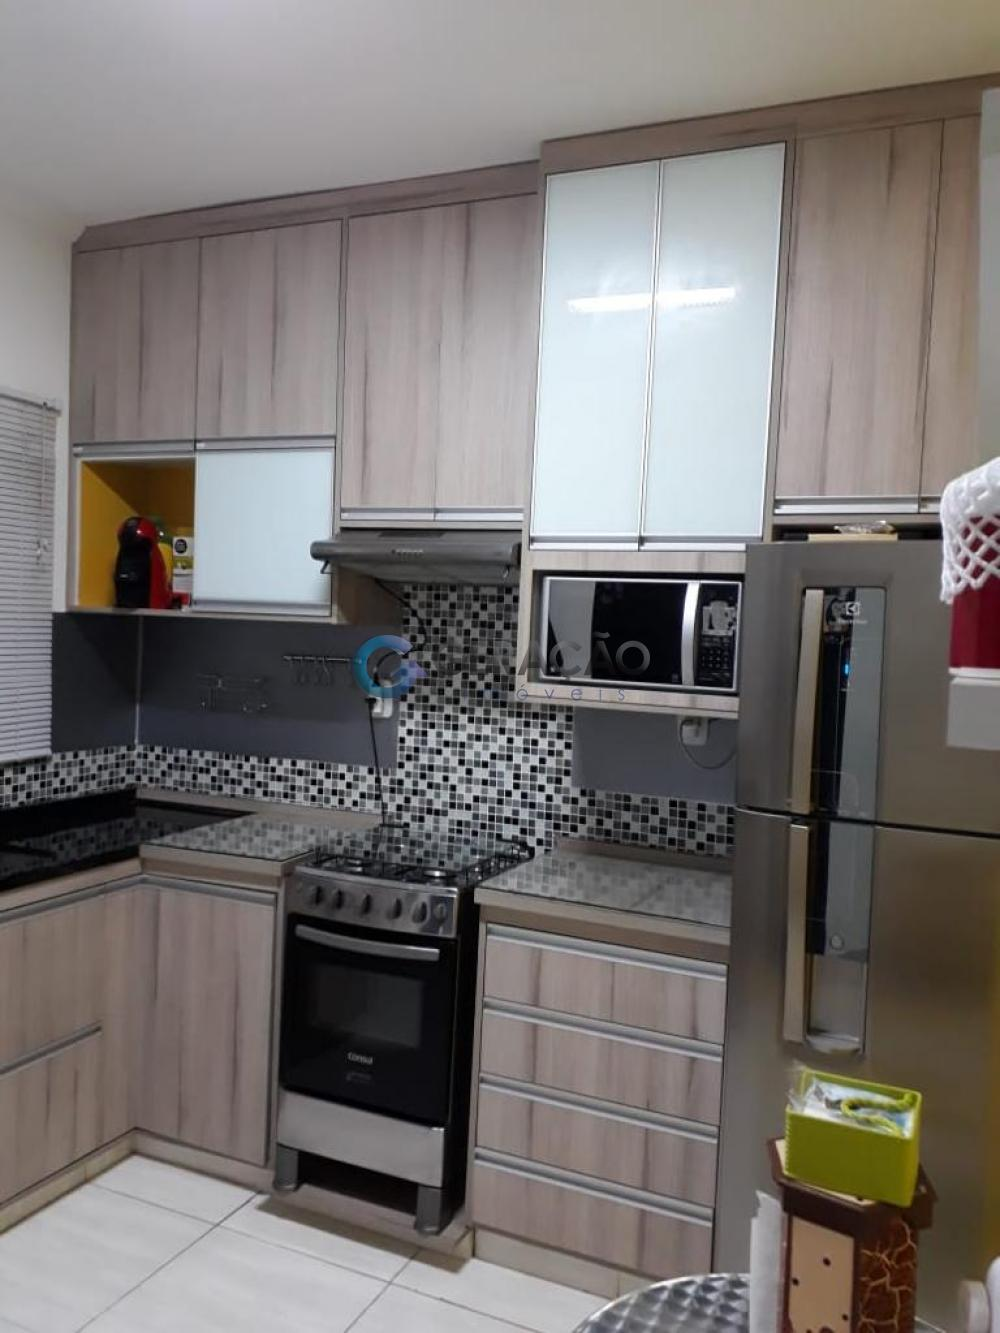 Comprar Casa / Condomínio em São José dos Campos R$ 288.000,00 - Foto 8